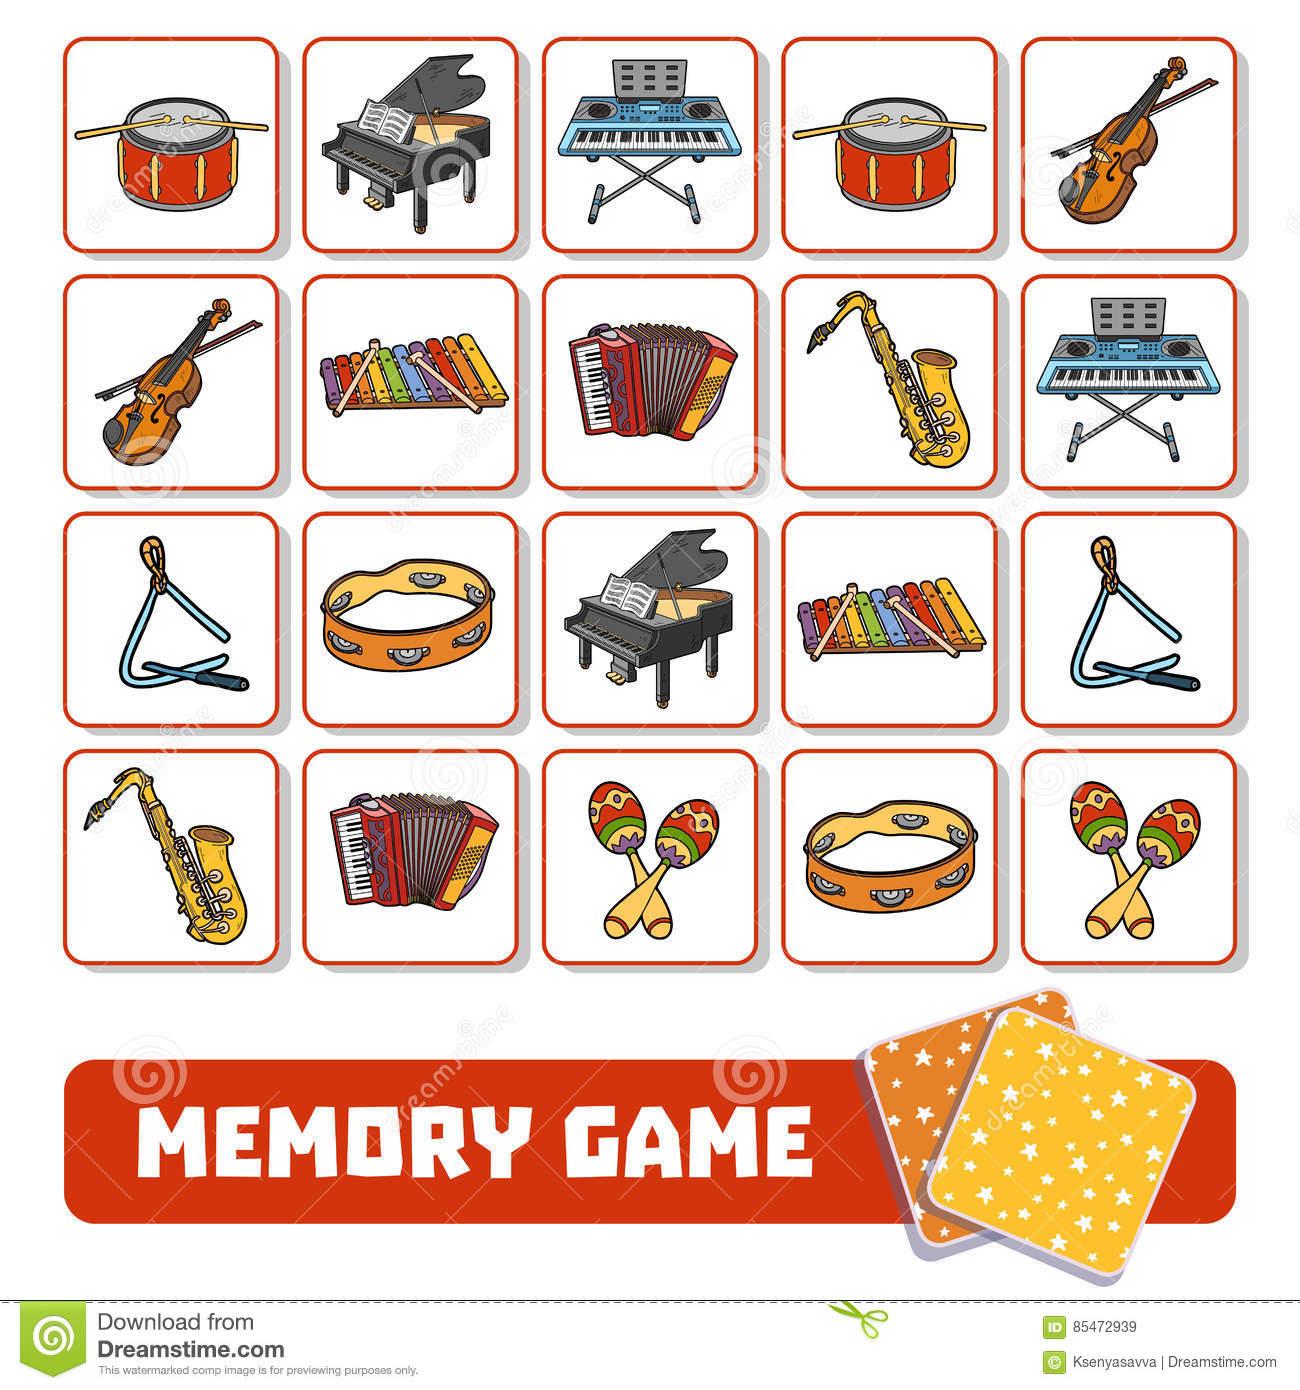 Jeu De Mémoire Pour Les Enfants, Cartes Avec Des Instruments intérieur Jeux De Memoire Pour Enfant